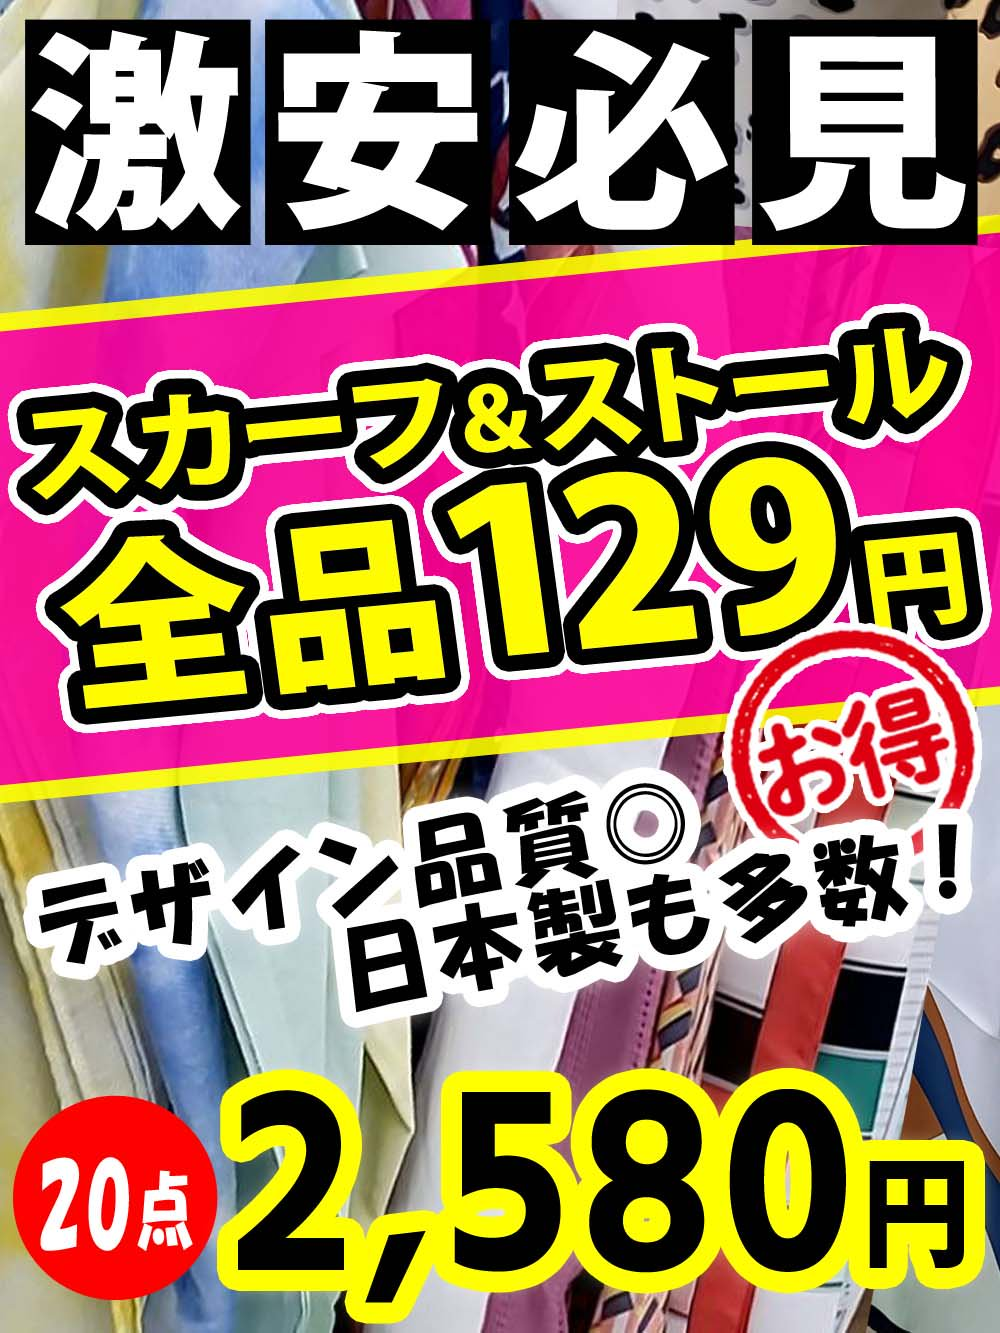 【激安必見!】日本製も多数あります!スカーフ&ストールアラカルト!【20点】@129